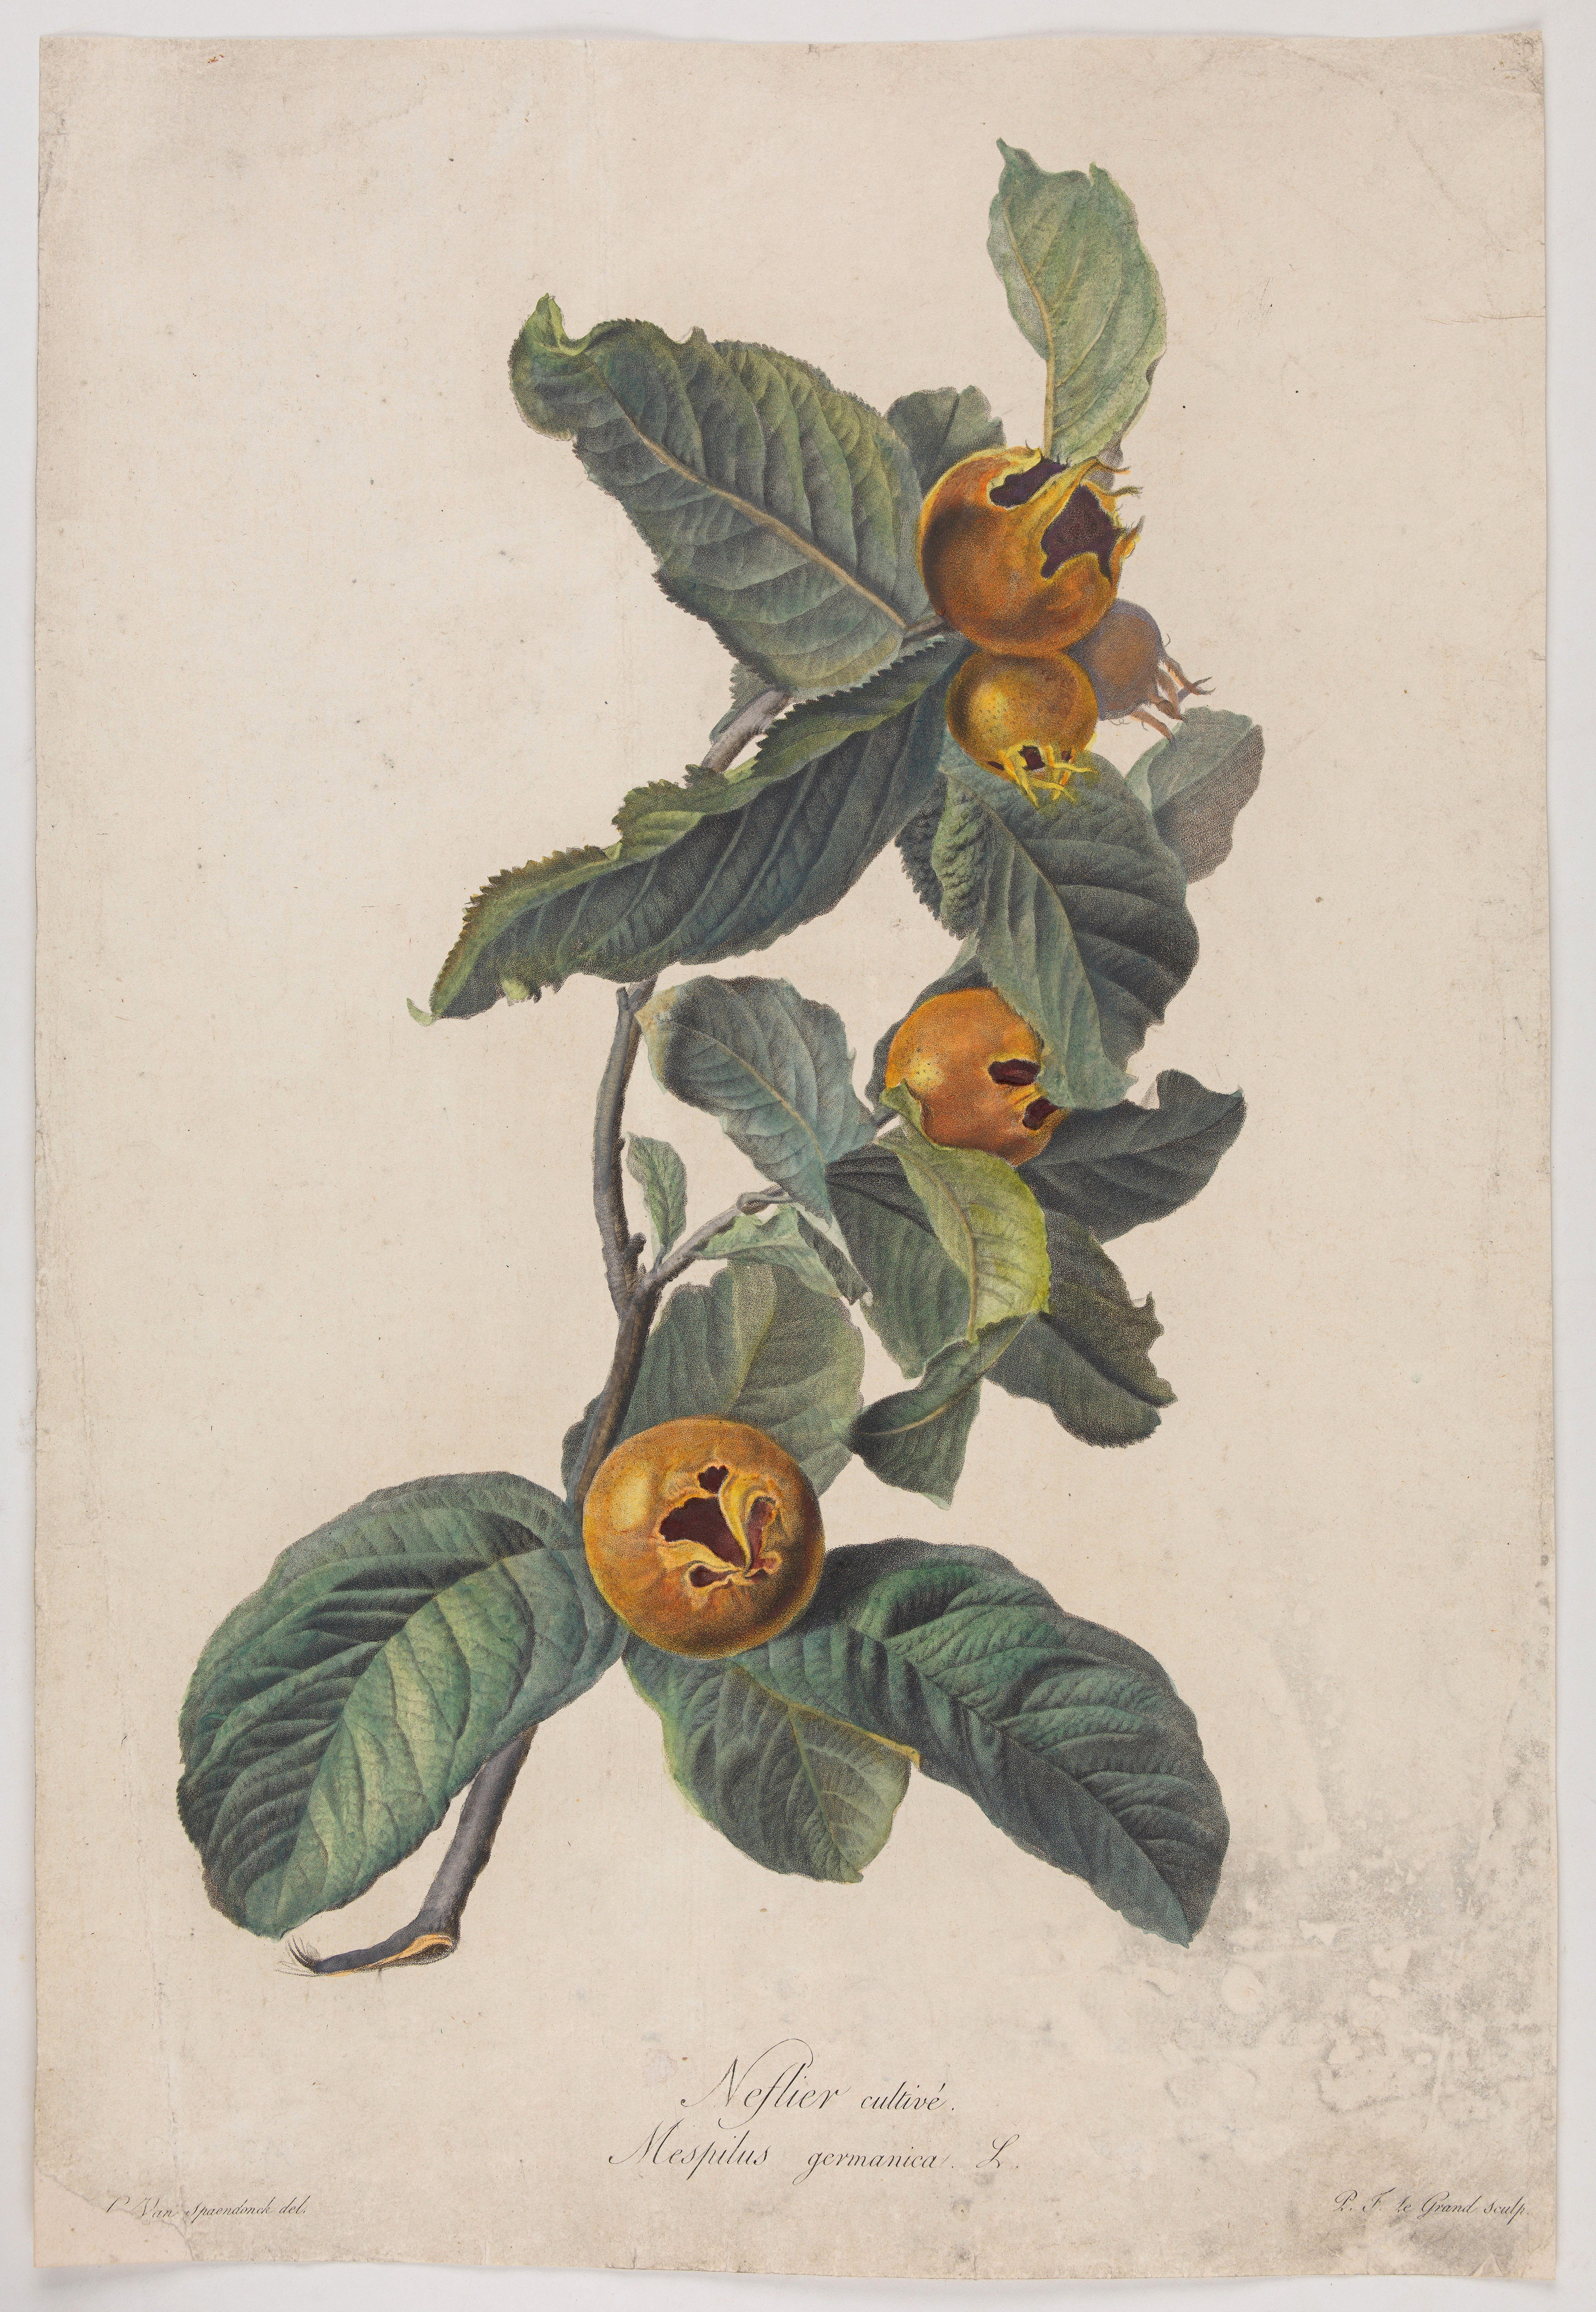 SPAENDONCK, Van. G. -  Neflier cultivé. Mespilus germanica. L.